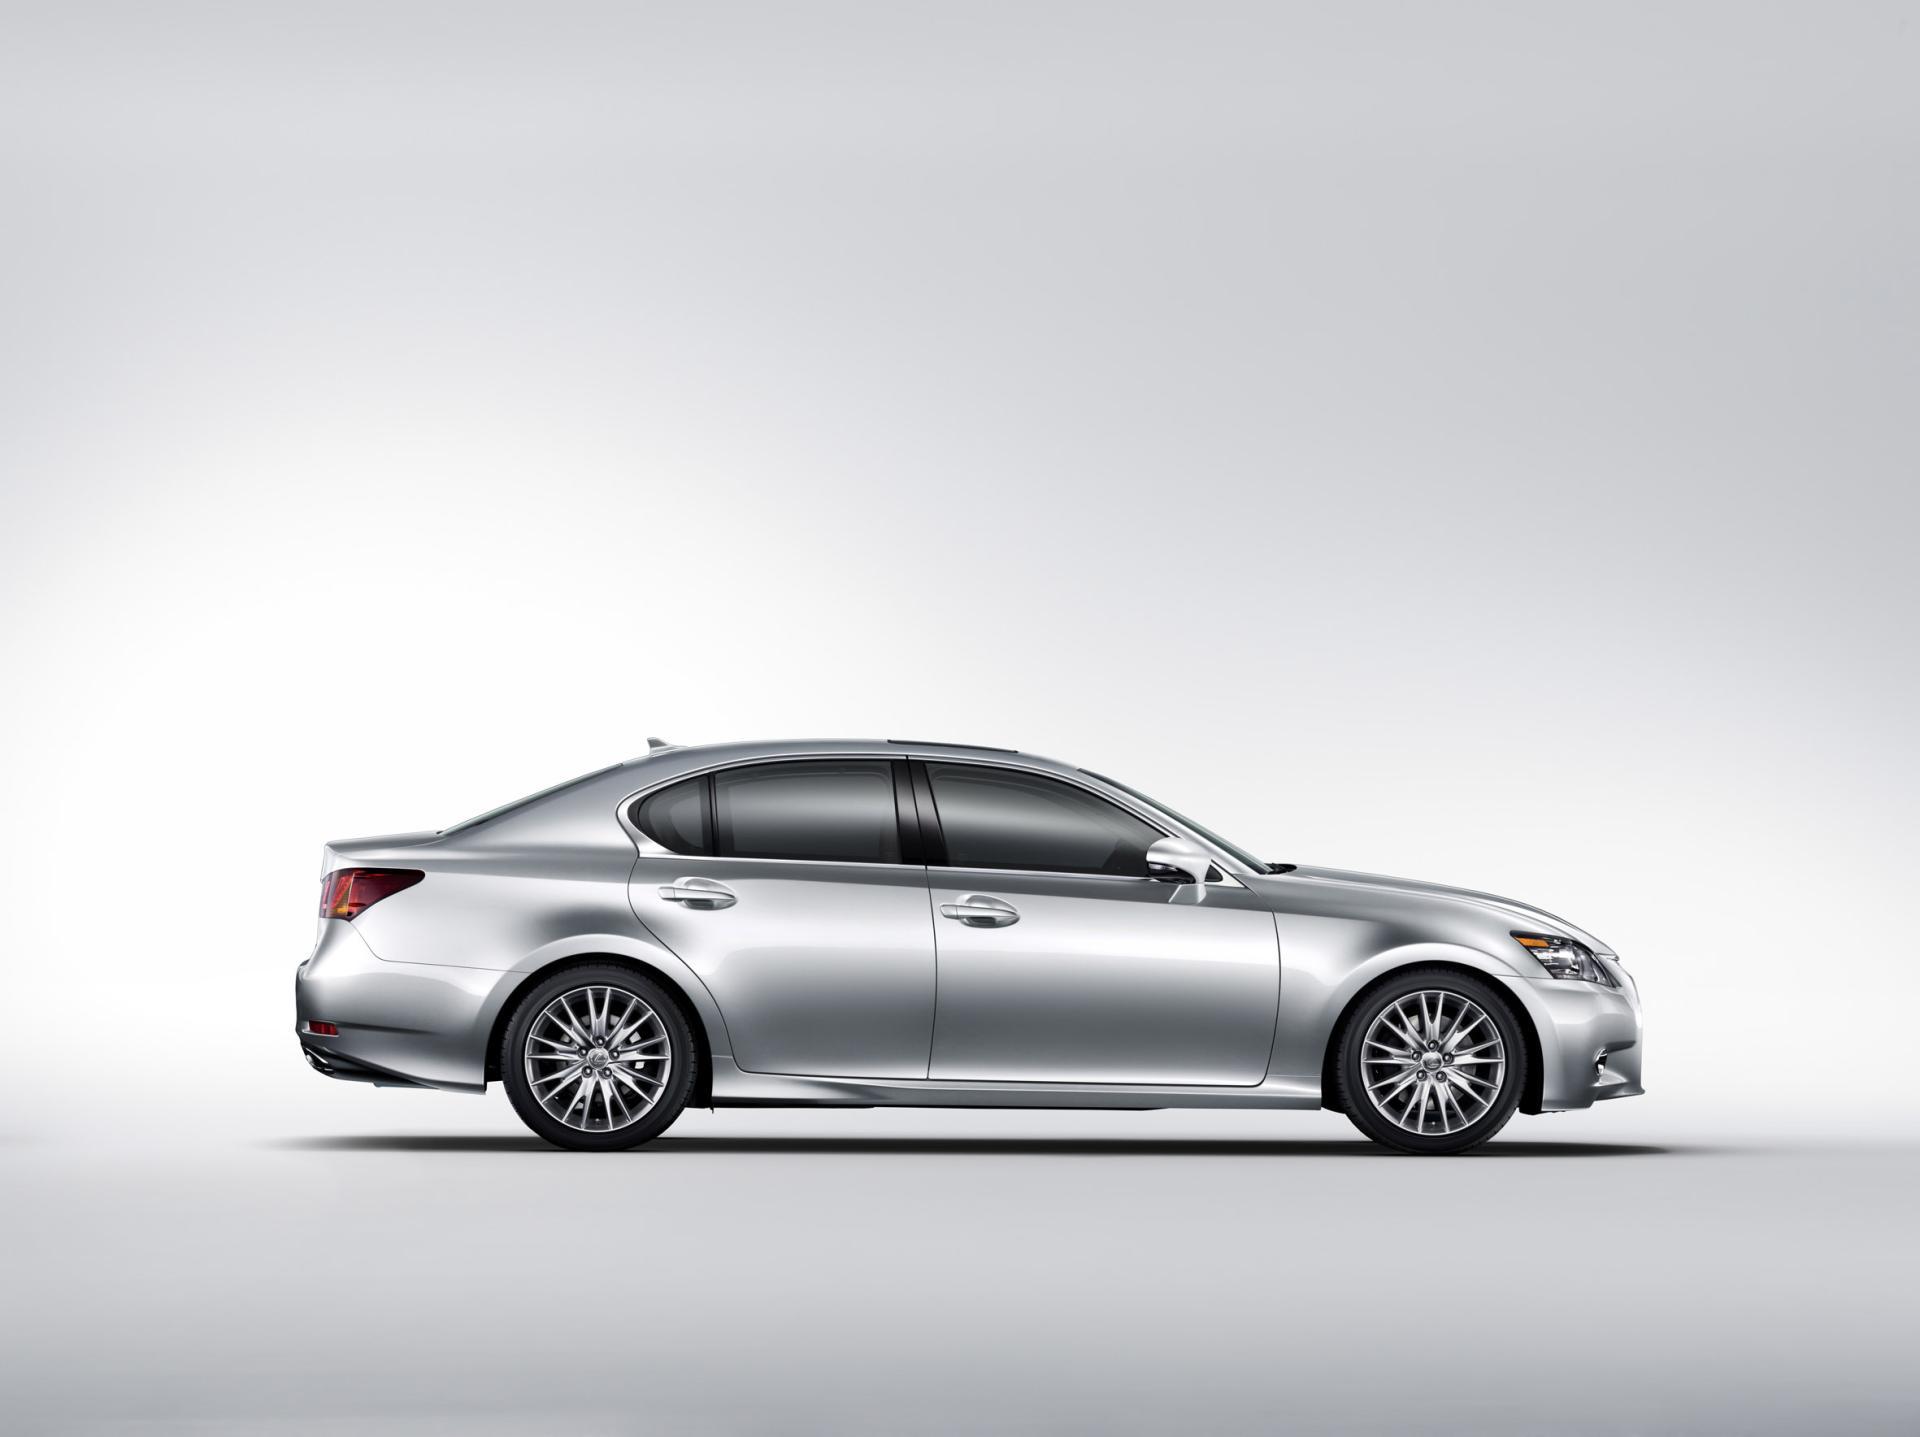 2014 Lexus GS 350 conceptcarz